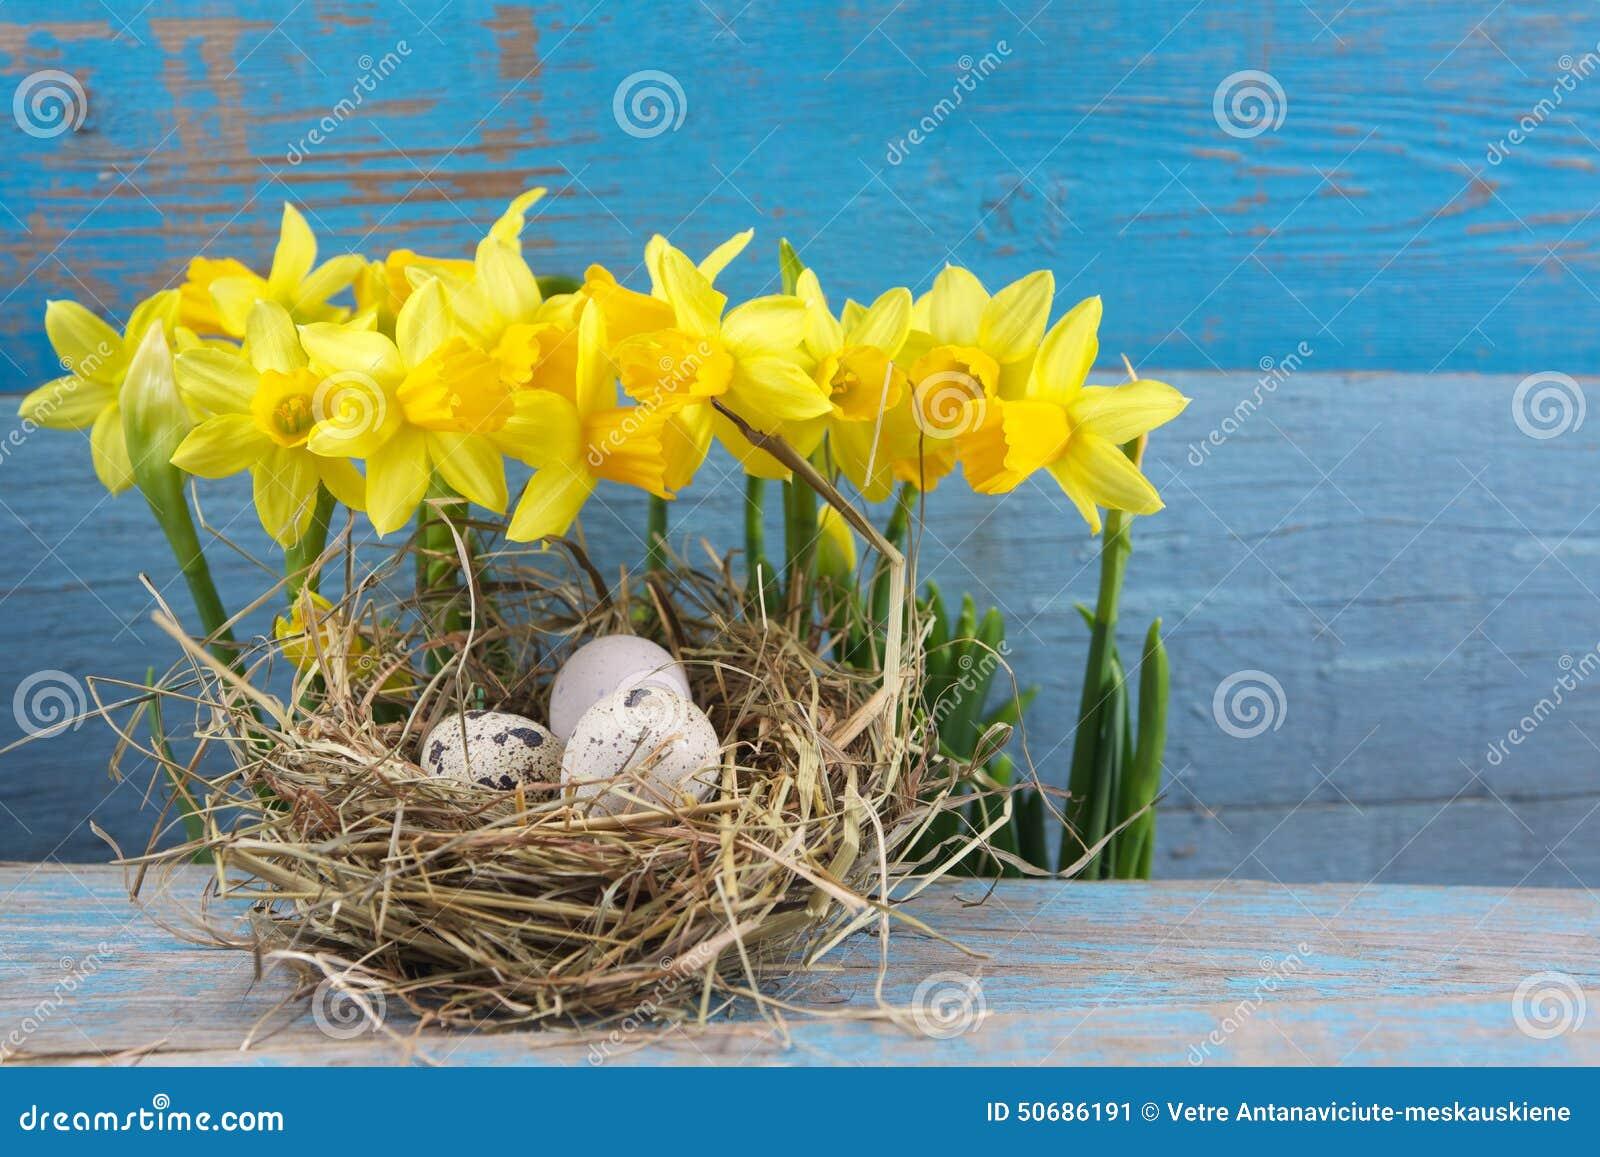 Download 复活节装饰 在巢的鸡蛋在木头 库存图片. 图片 包括有 传统, 装饰, 宗教信仰, 木头, 背包, 鸡蛋 - 50686191